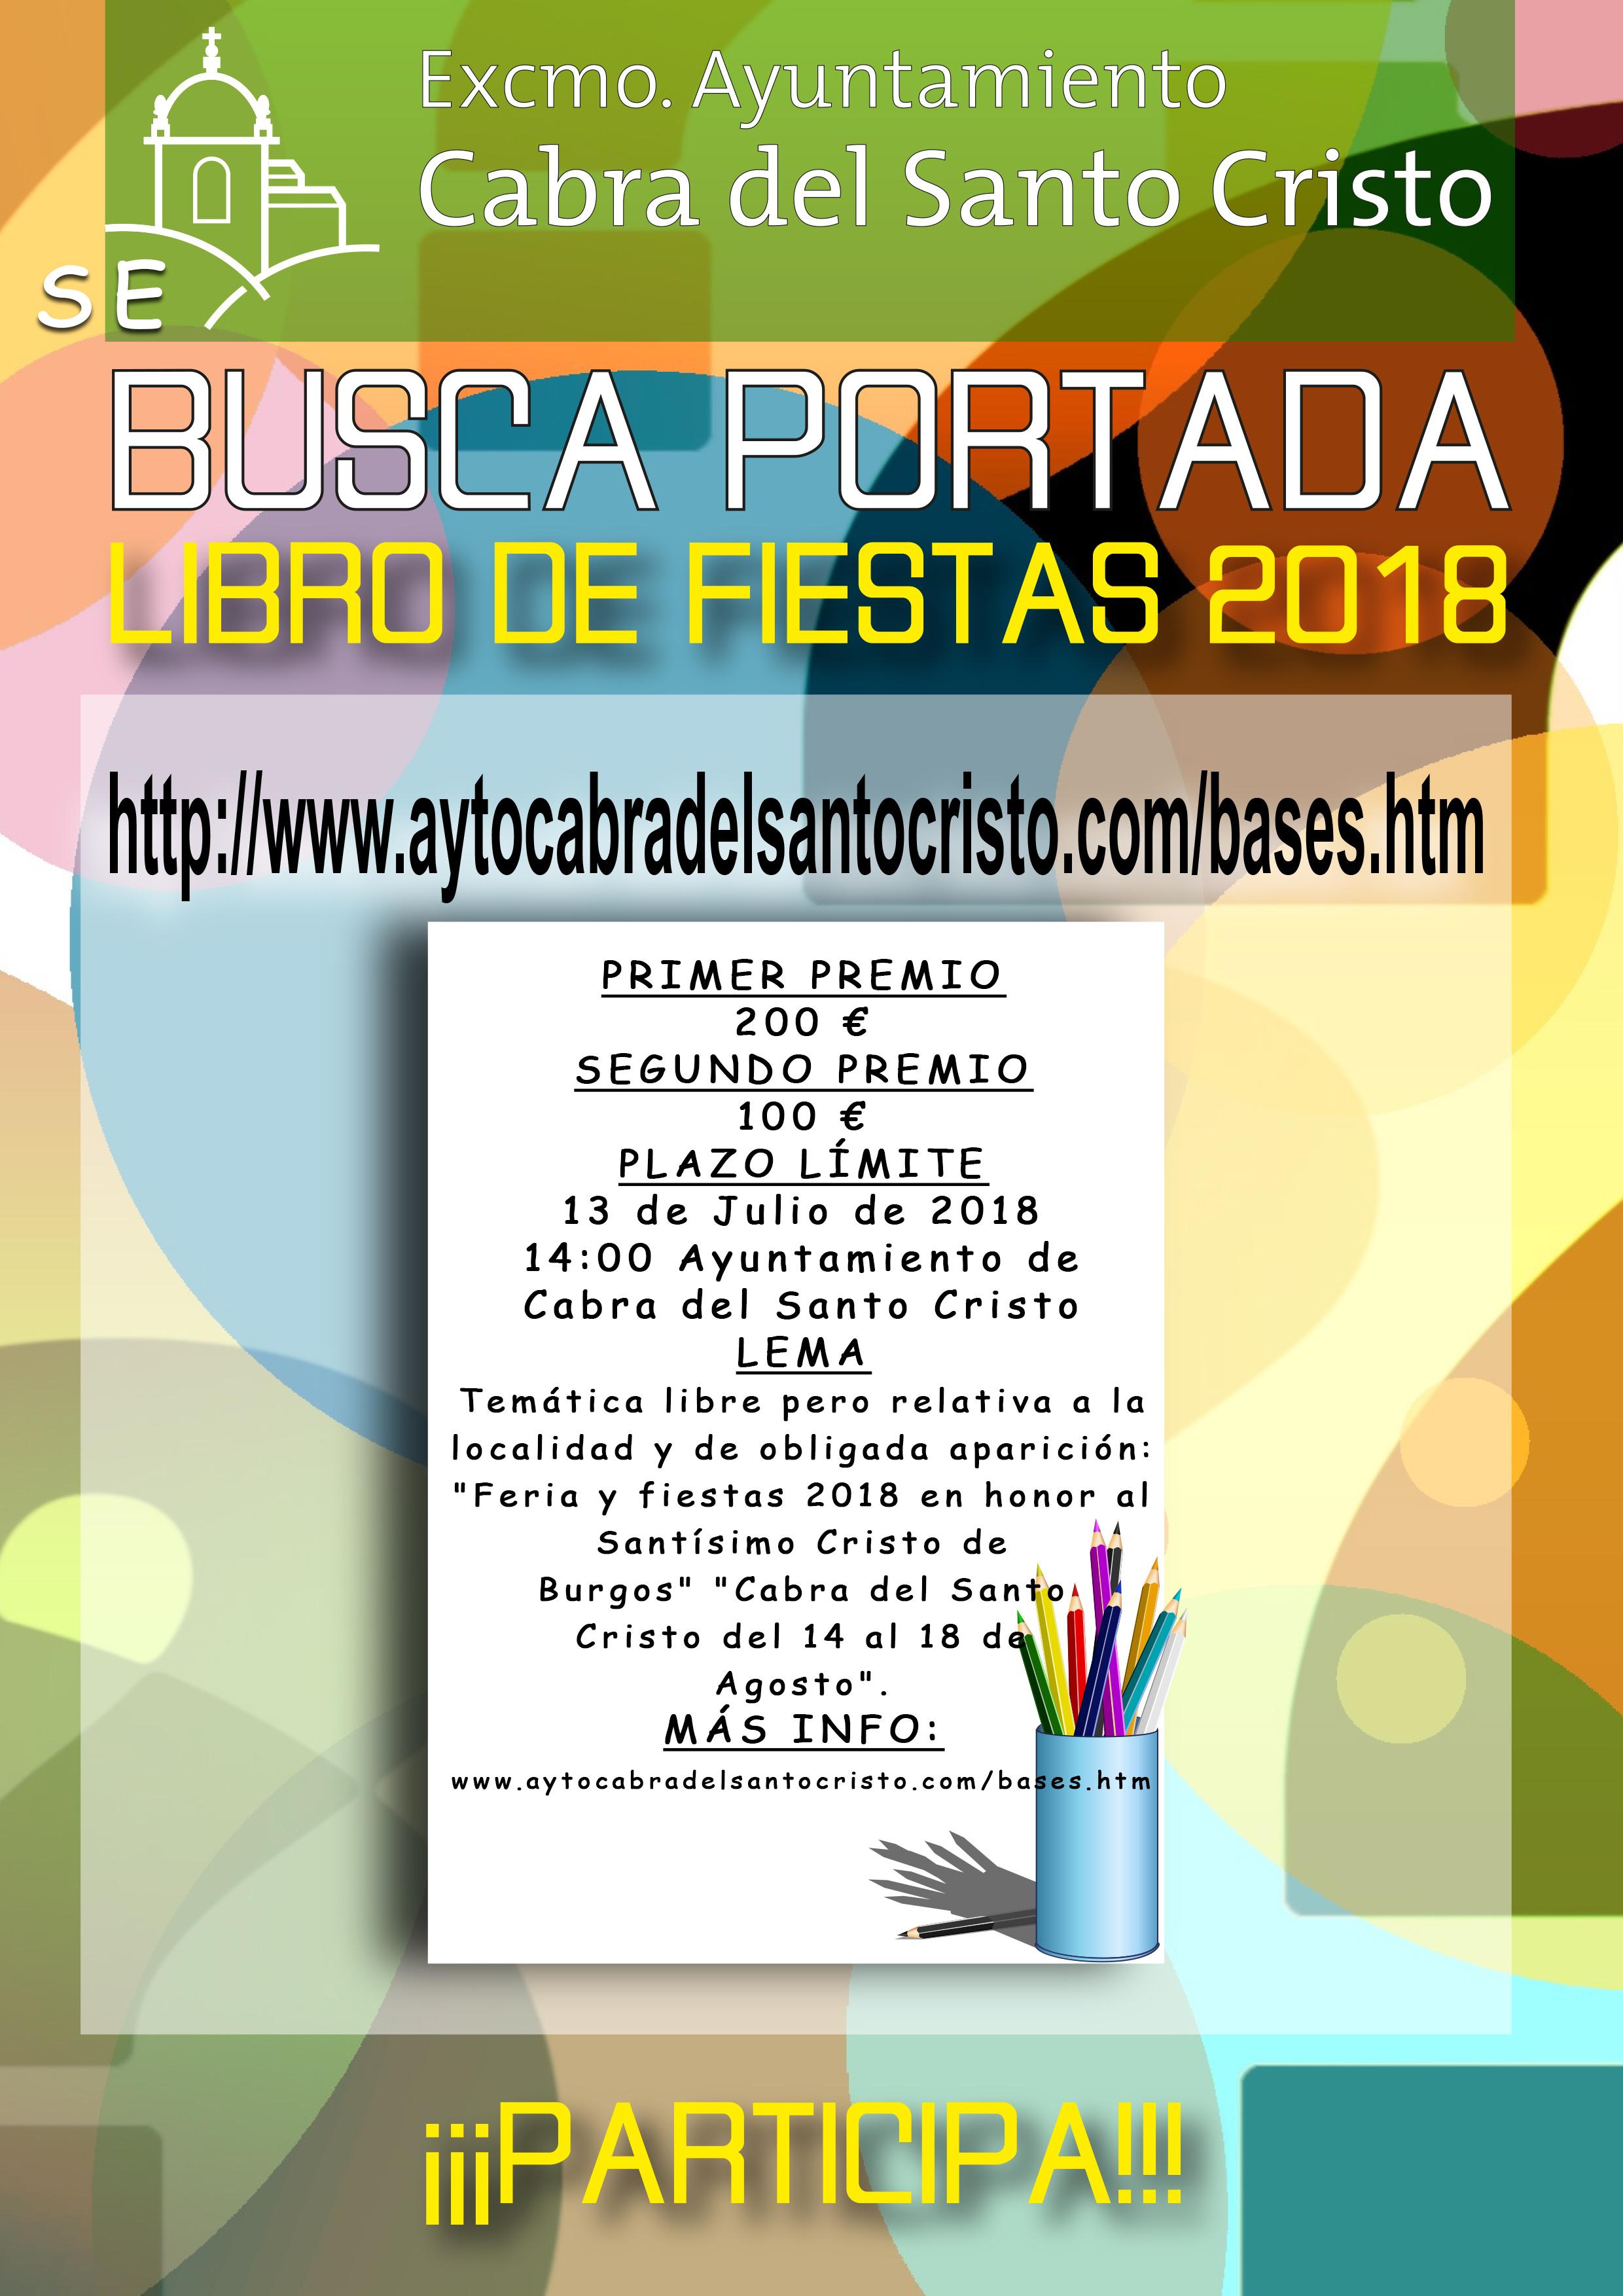 SE BUSCA PORTADA DEL LIBRO DE FIESTAS 2018